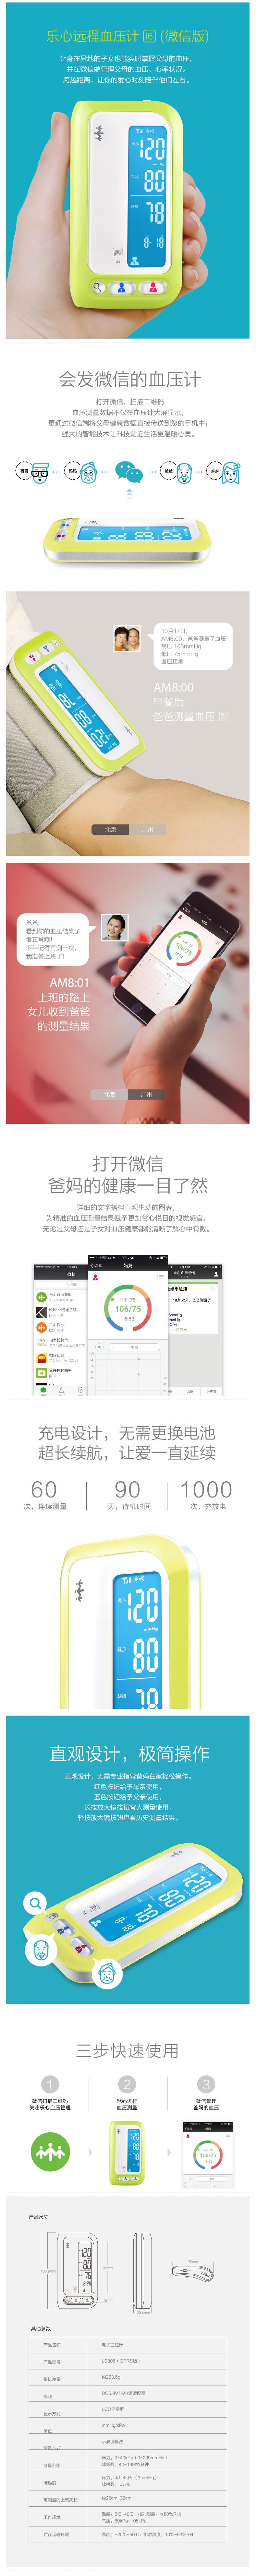 乐心微信版血压计I6(绿色).png